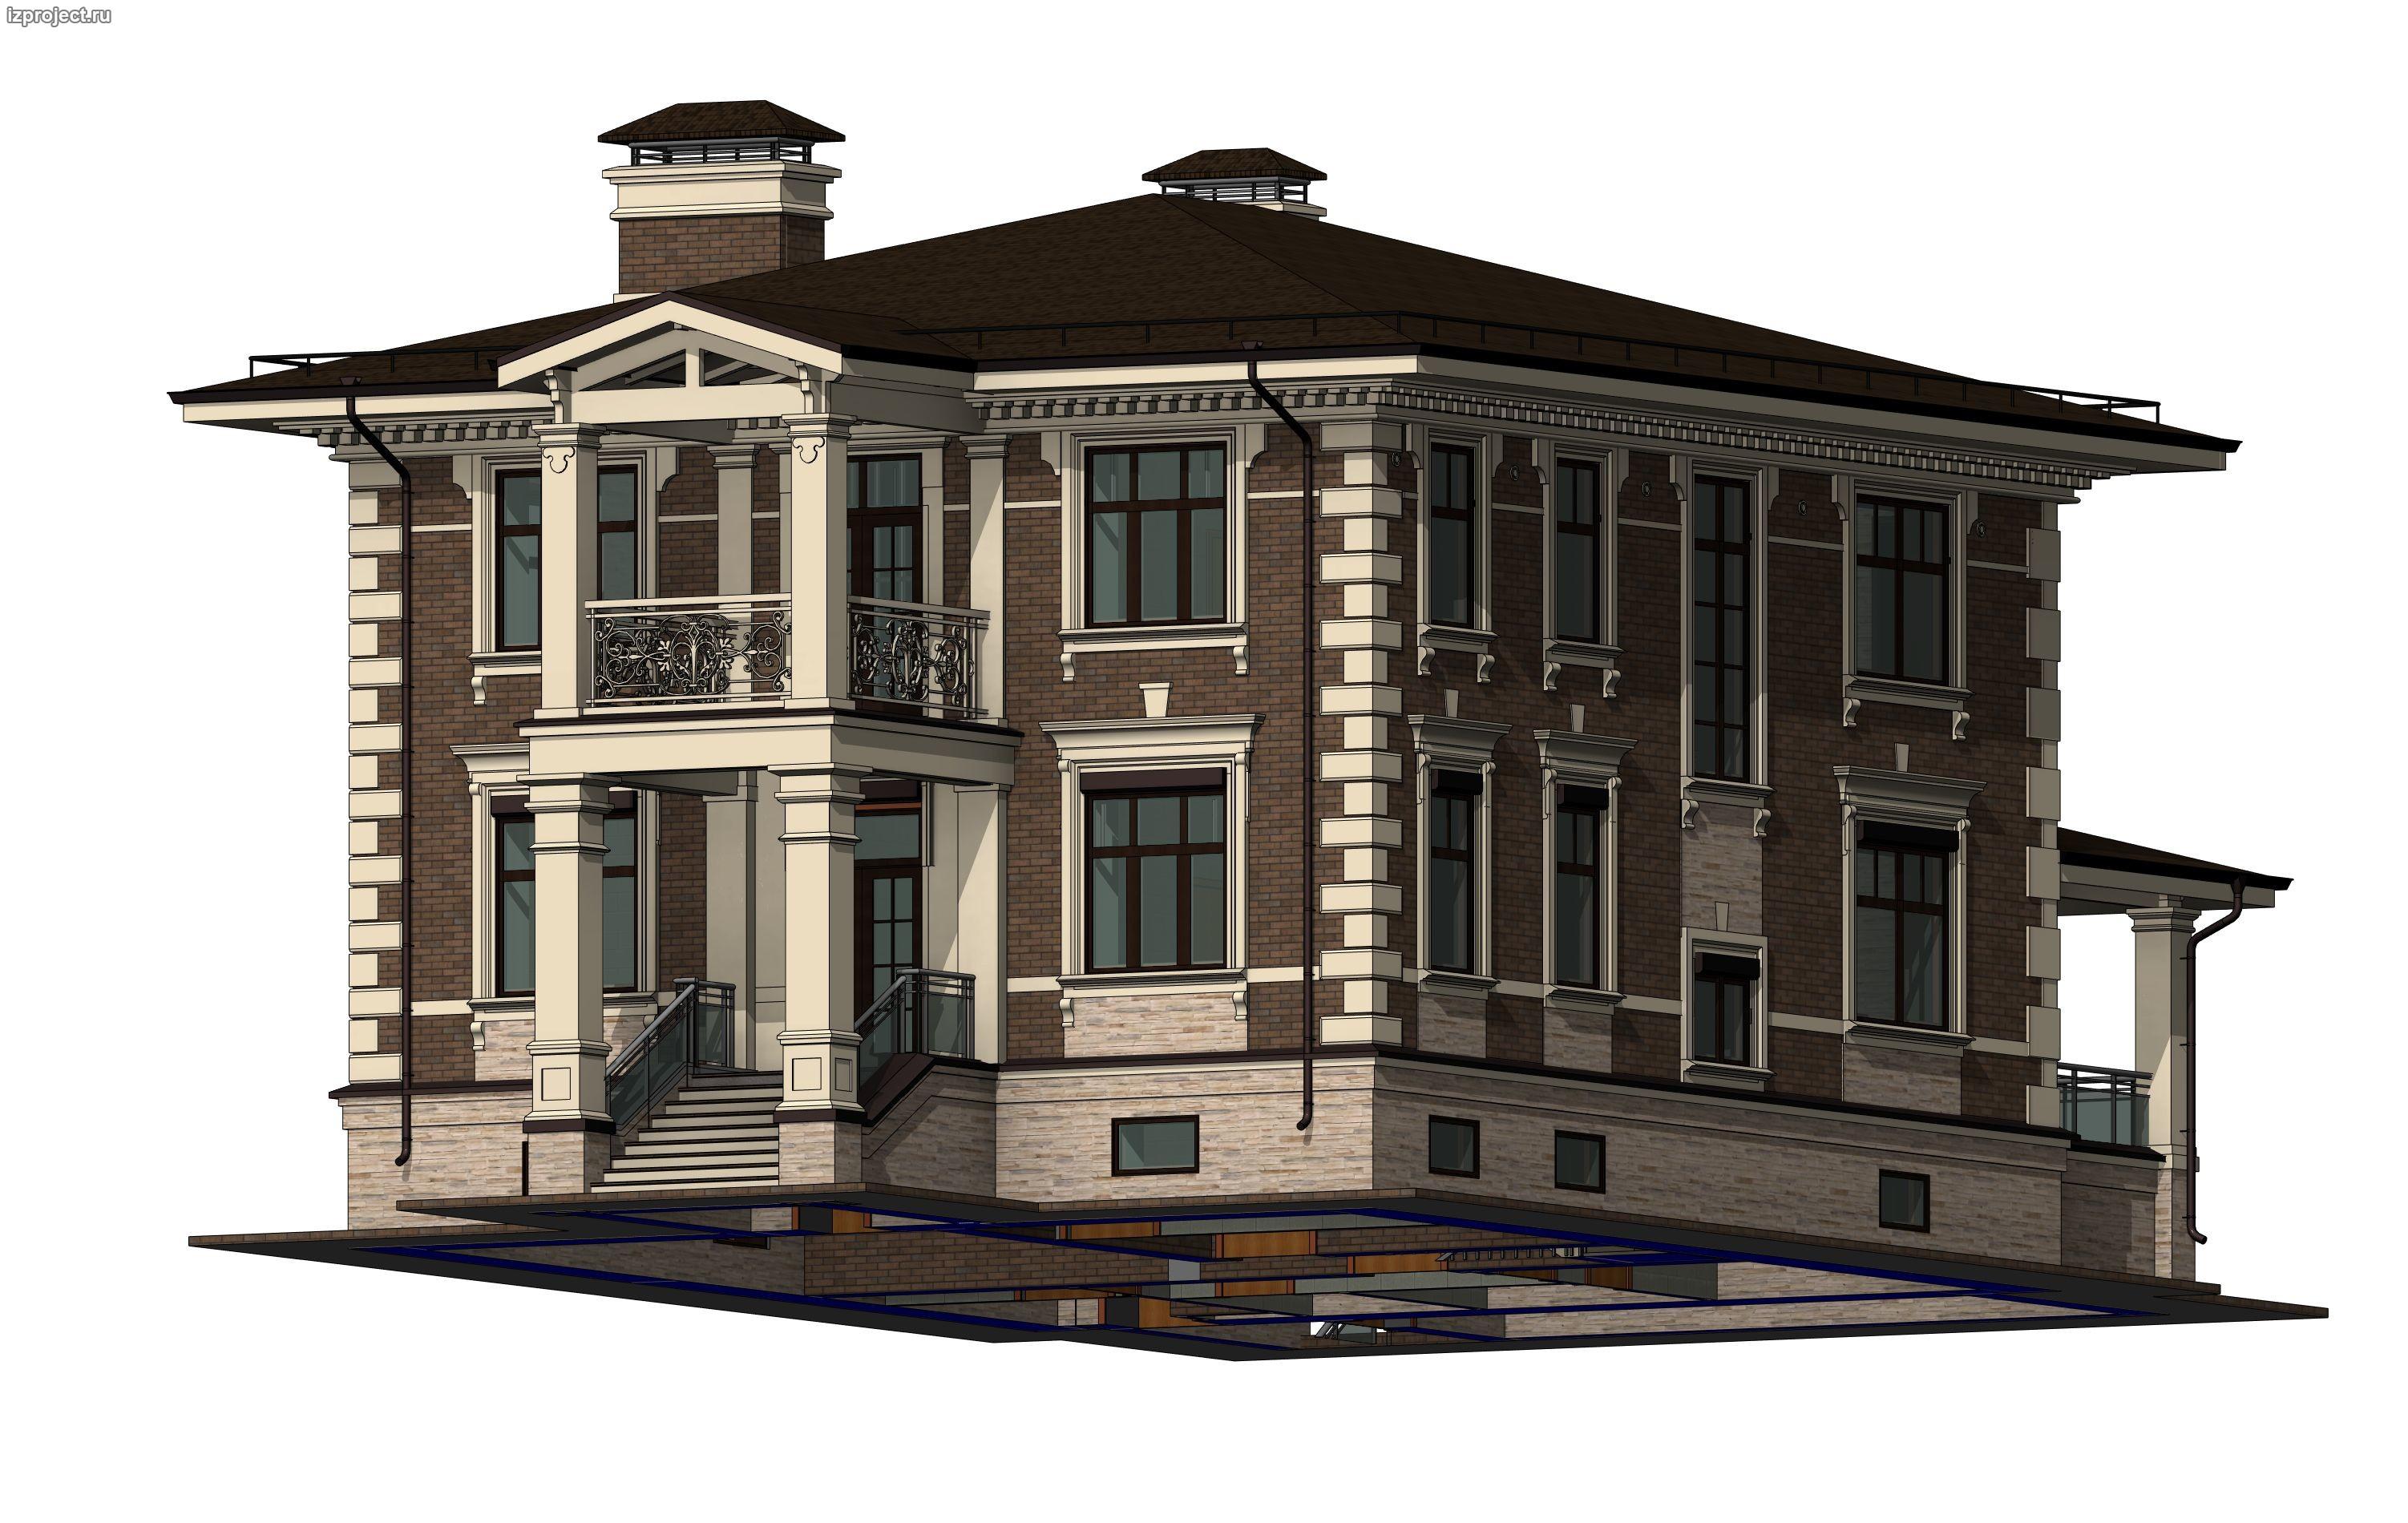 Частный архитектор загородных домов - эскиз декора фасадов кирпичного дома.